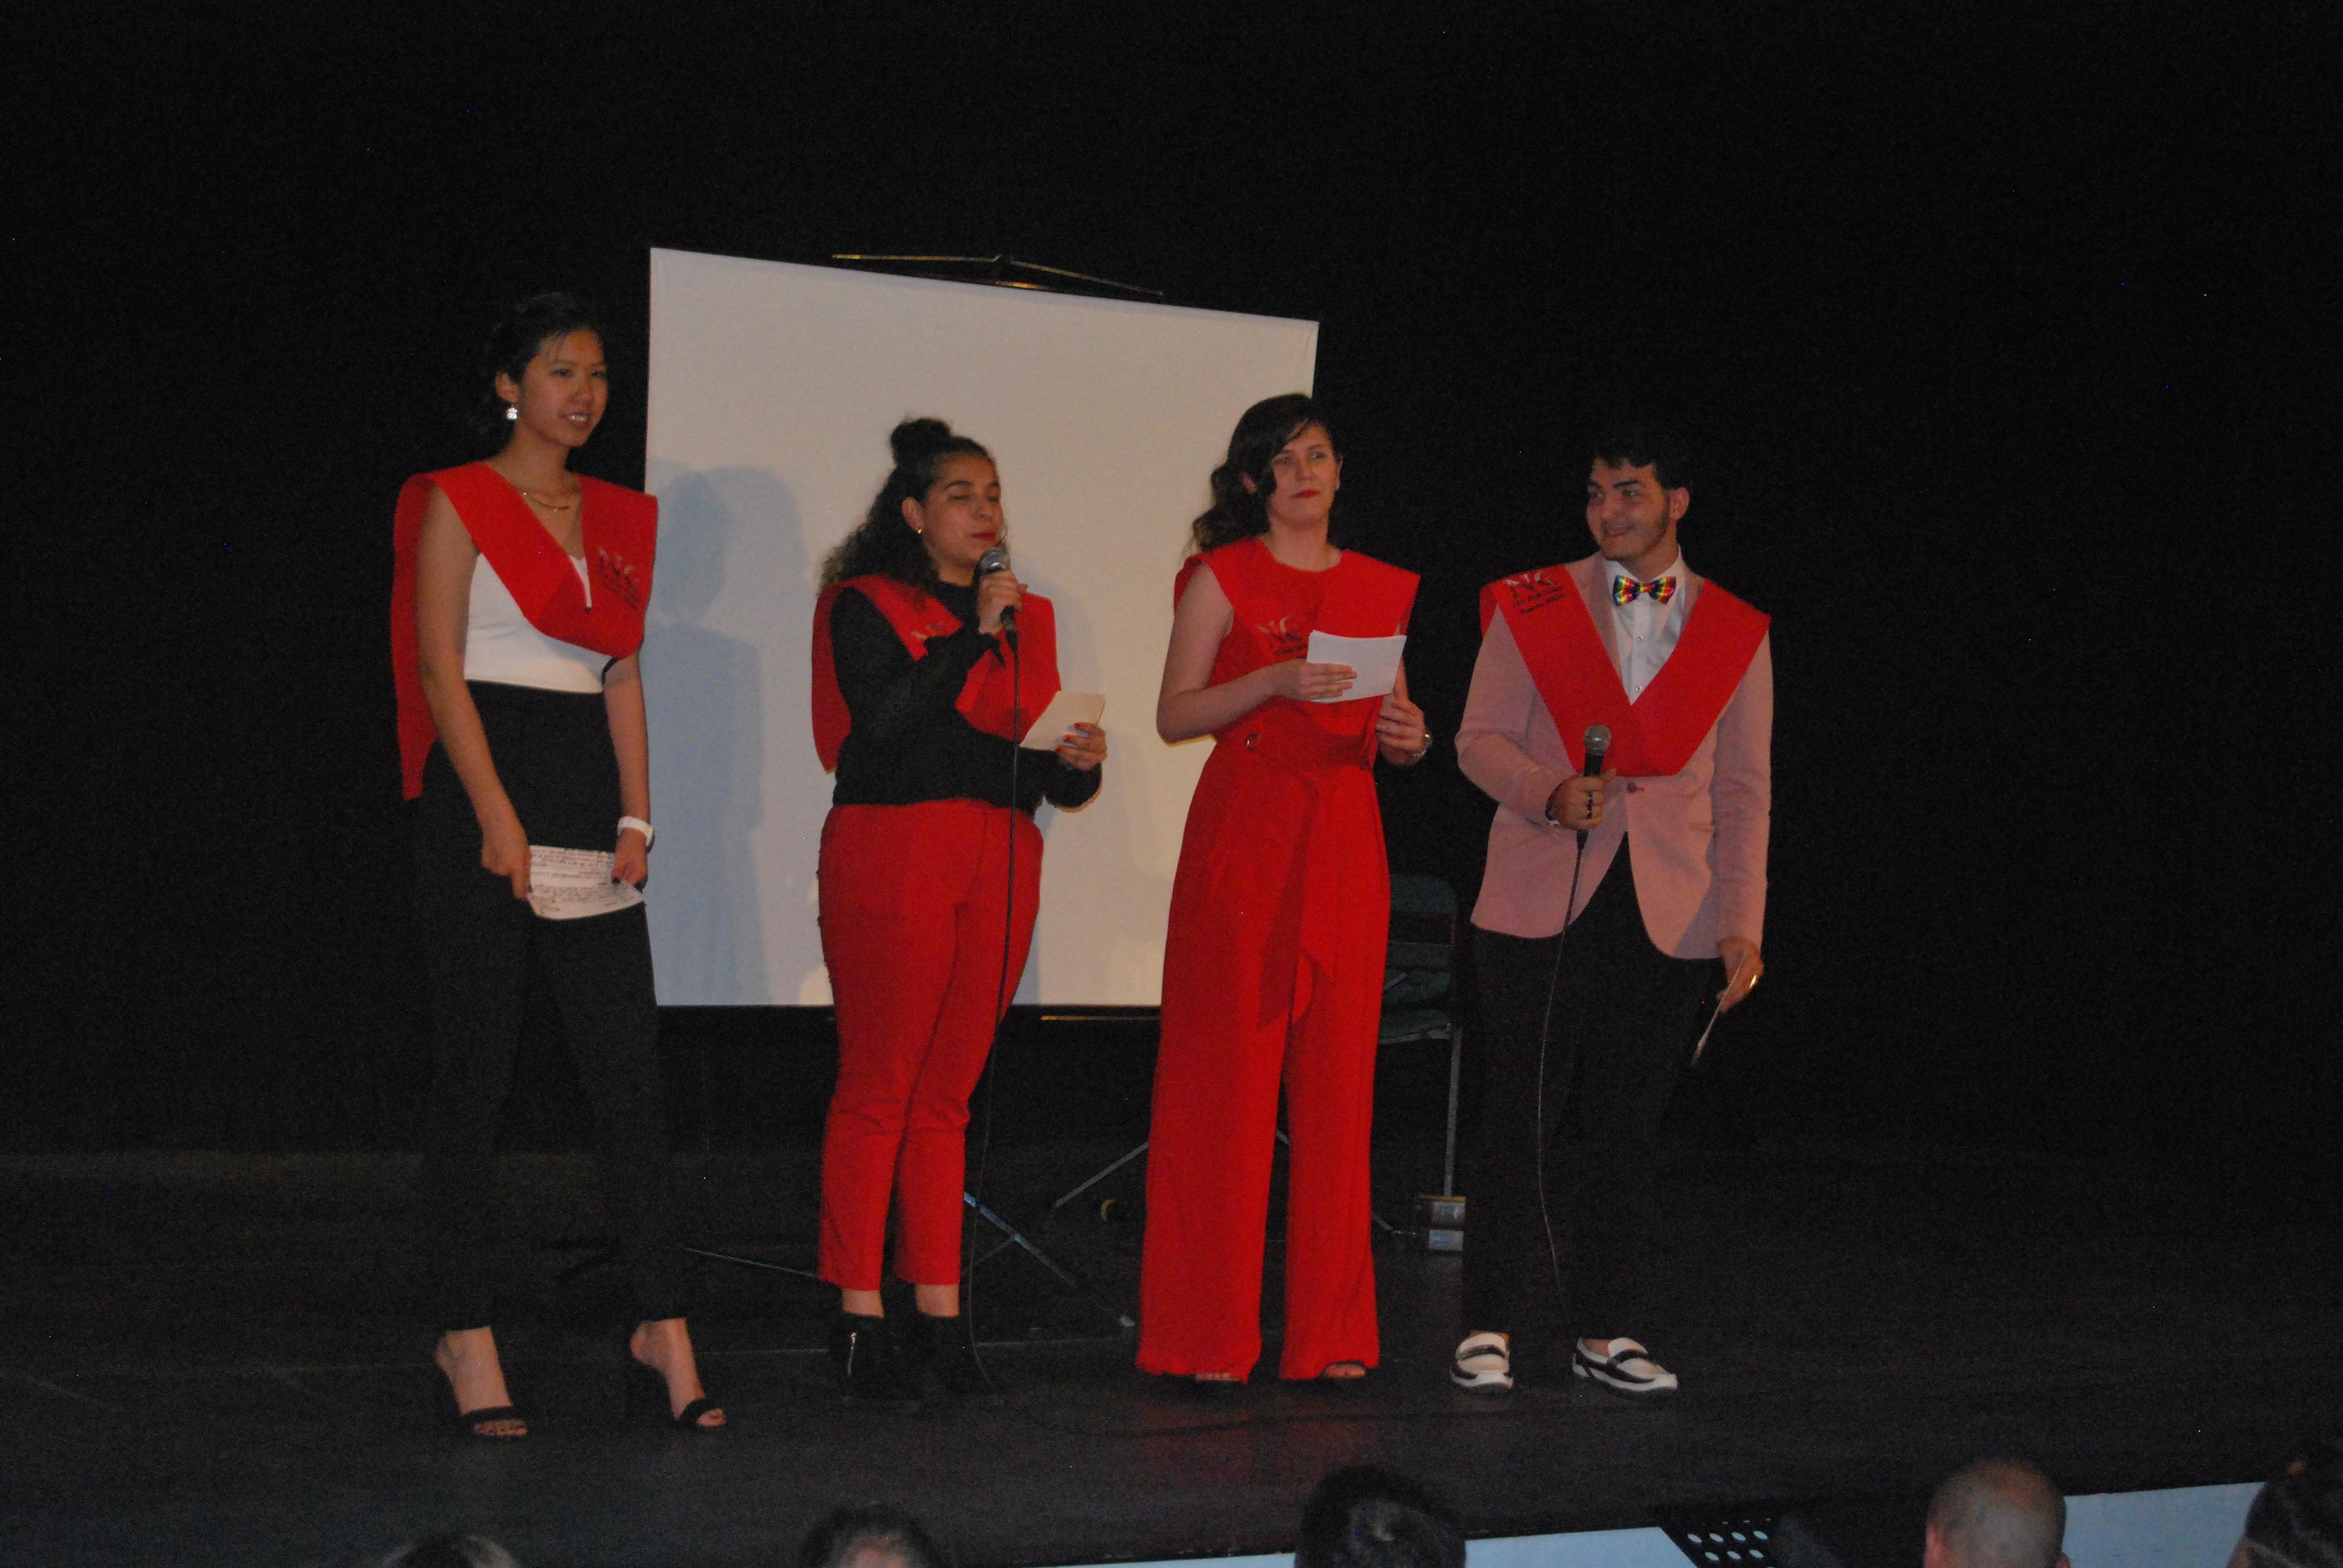 Graduación - 2º Bachillerato - Curso 2017/18 - Álbum # 5 50